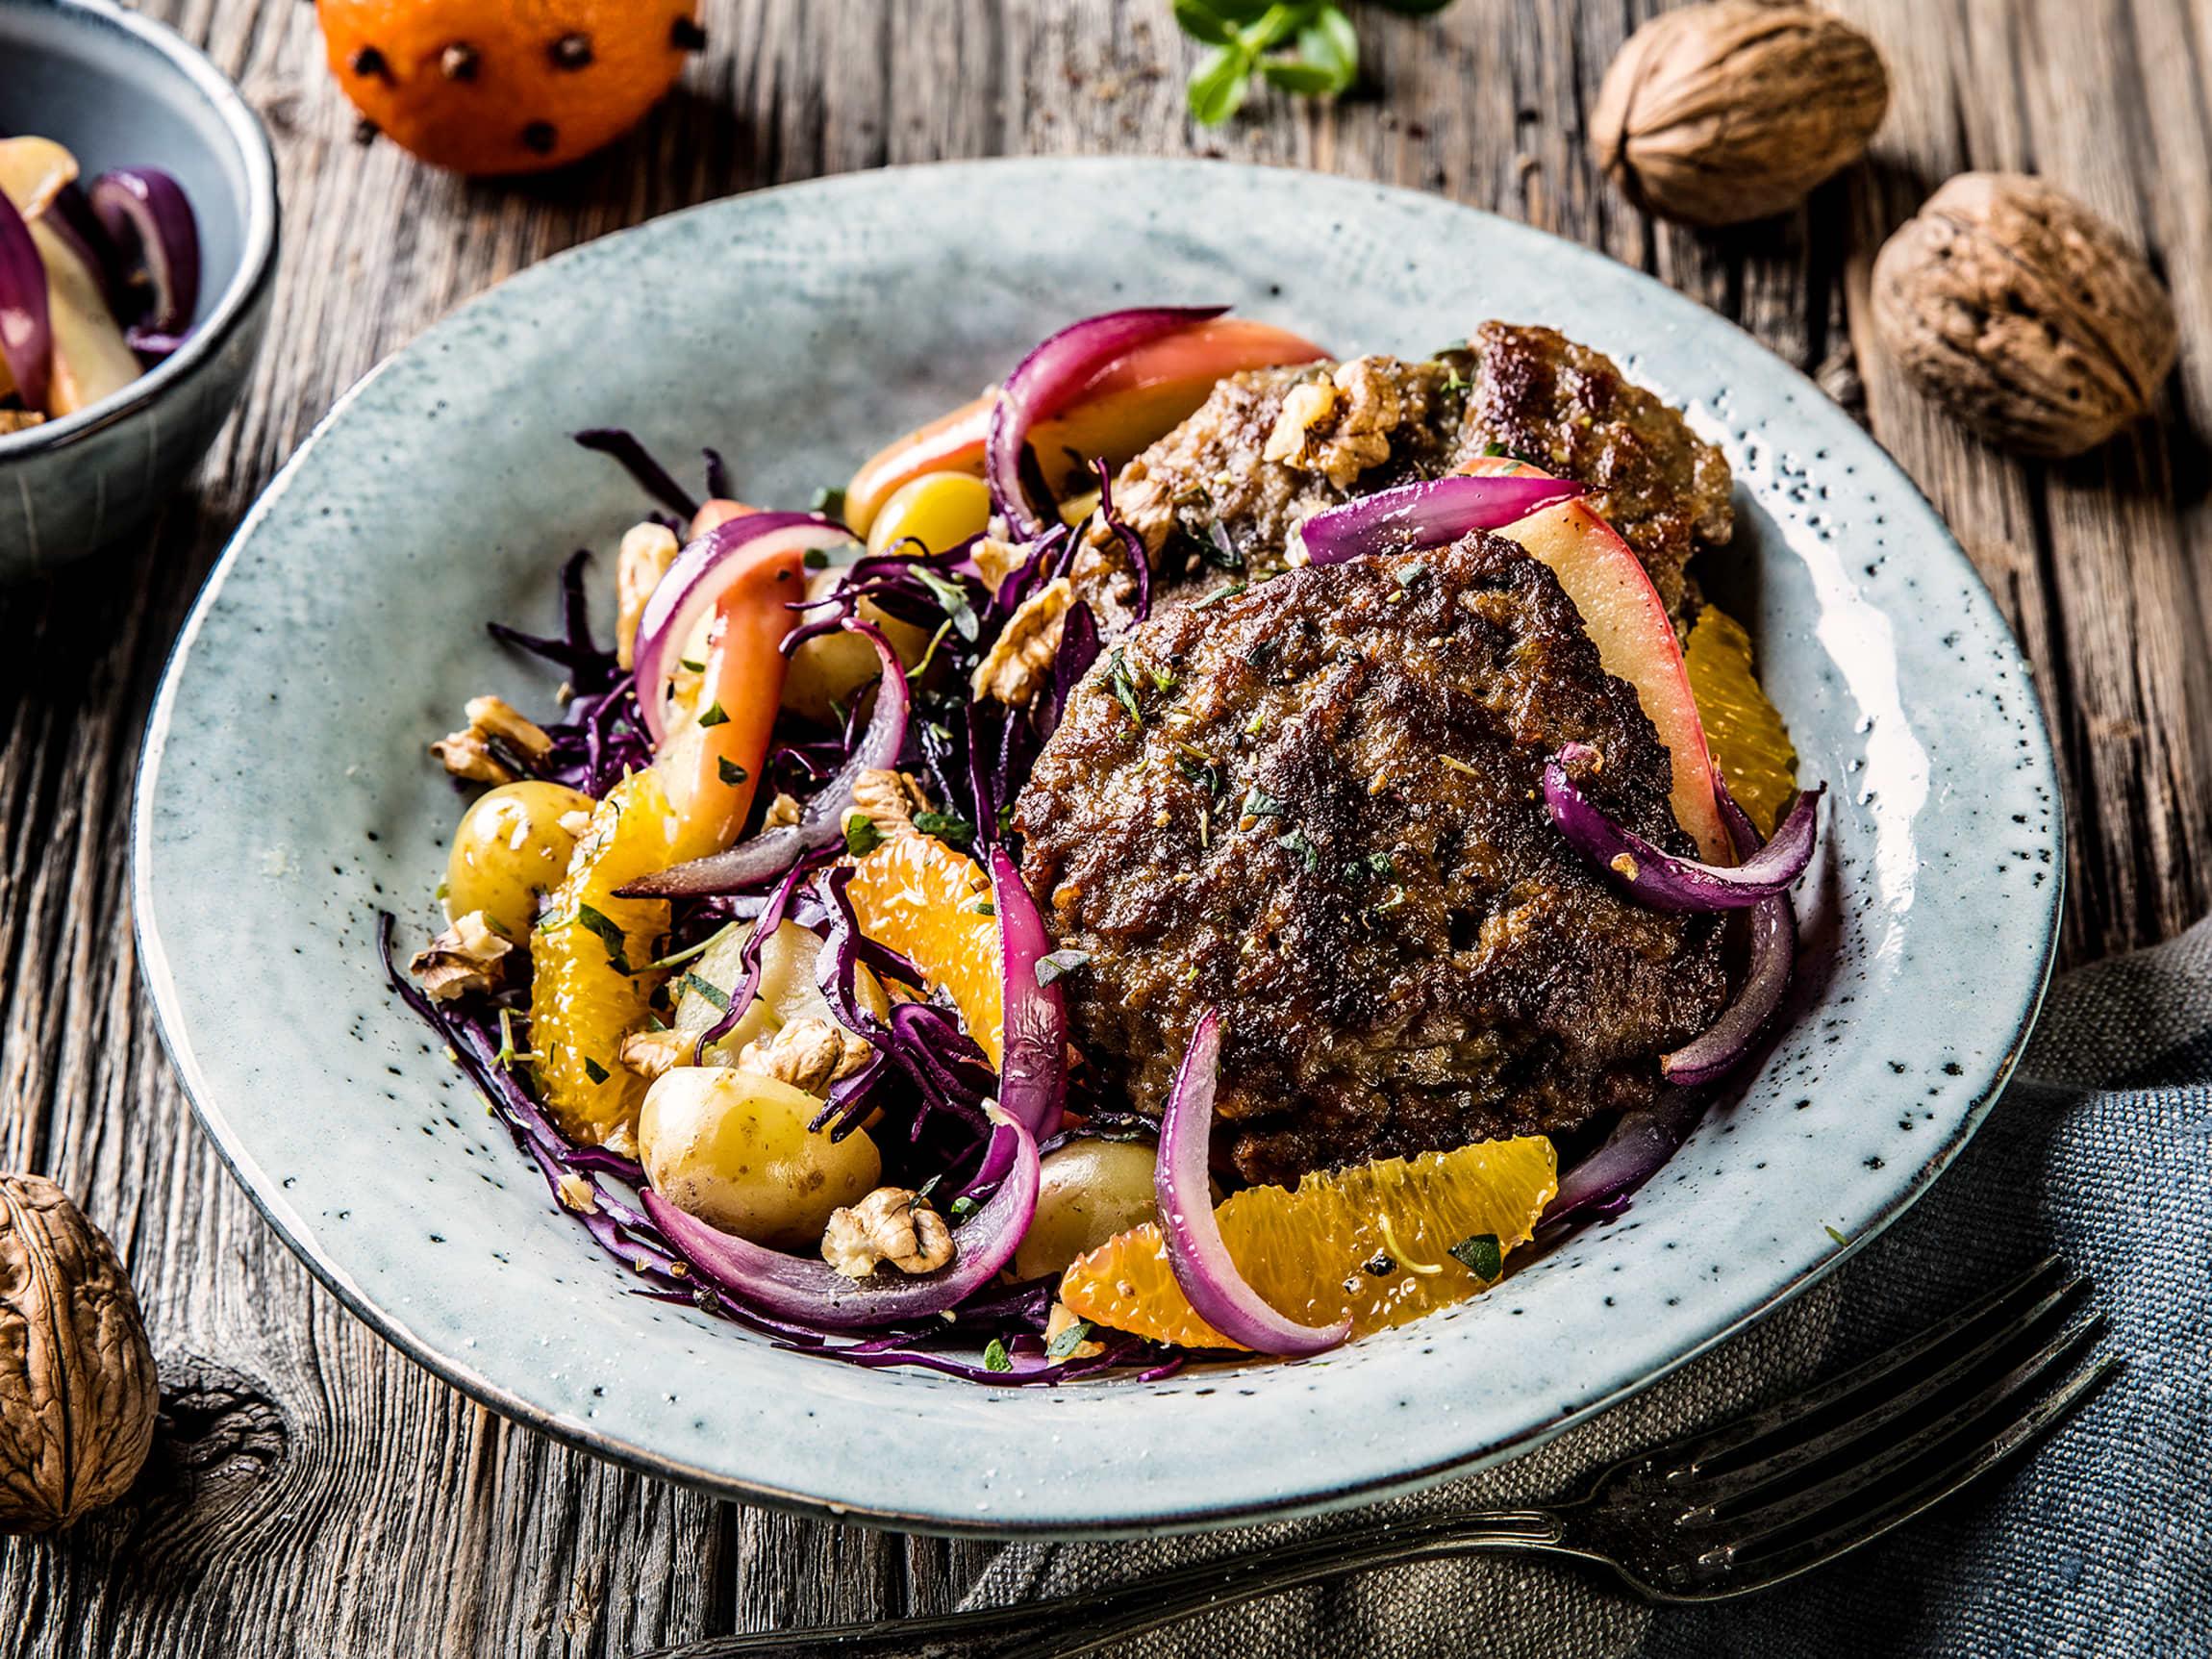 Klementin- og rødkålsalat passer godt til karbonader, og det blir en rask og god hverdagsmidag.